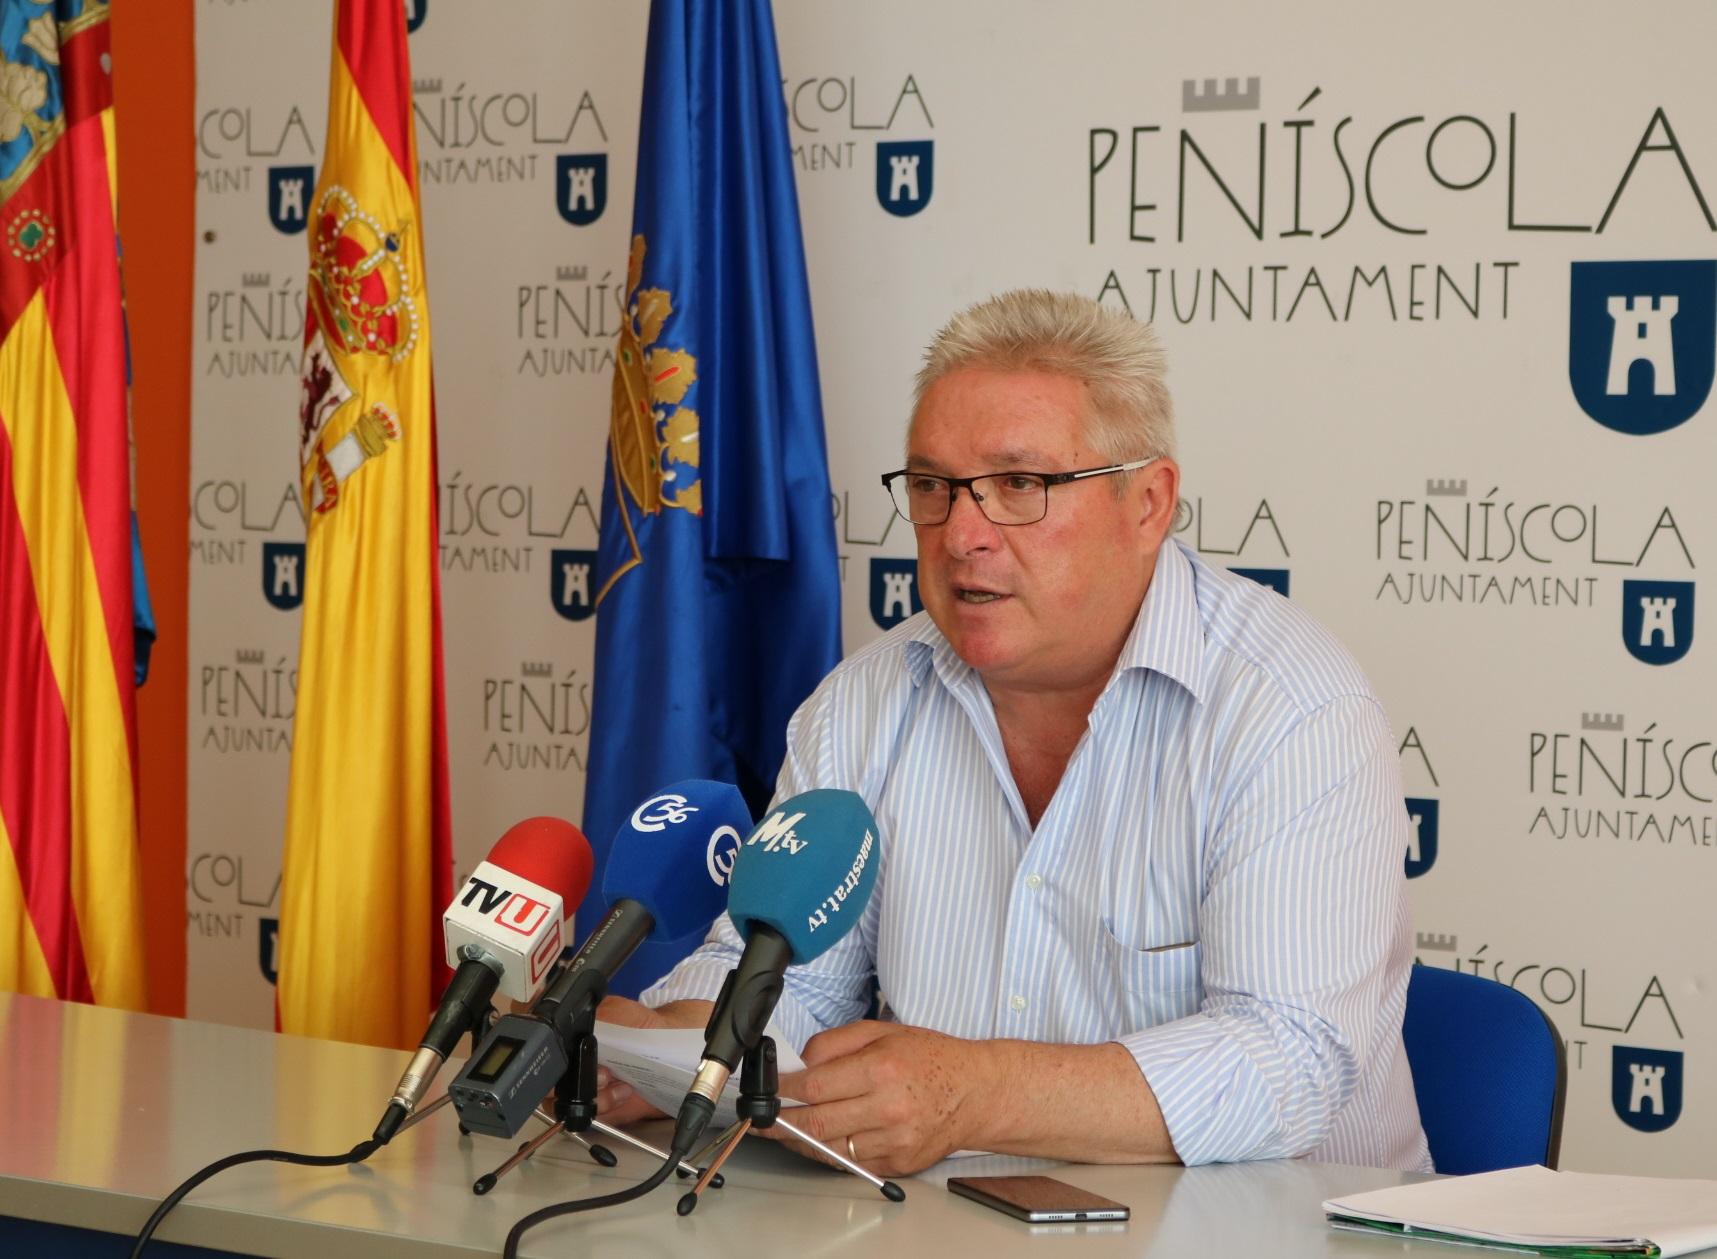 Peníscola, l'Ajuntament defensa el dret a pescar en canya dintre del Parc Natural de la Serra d'Irta